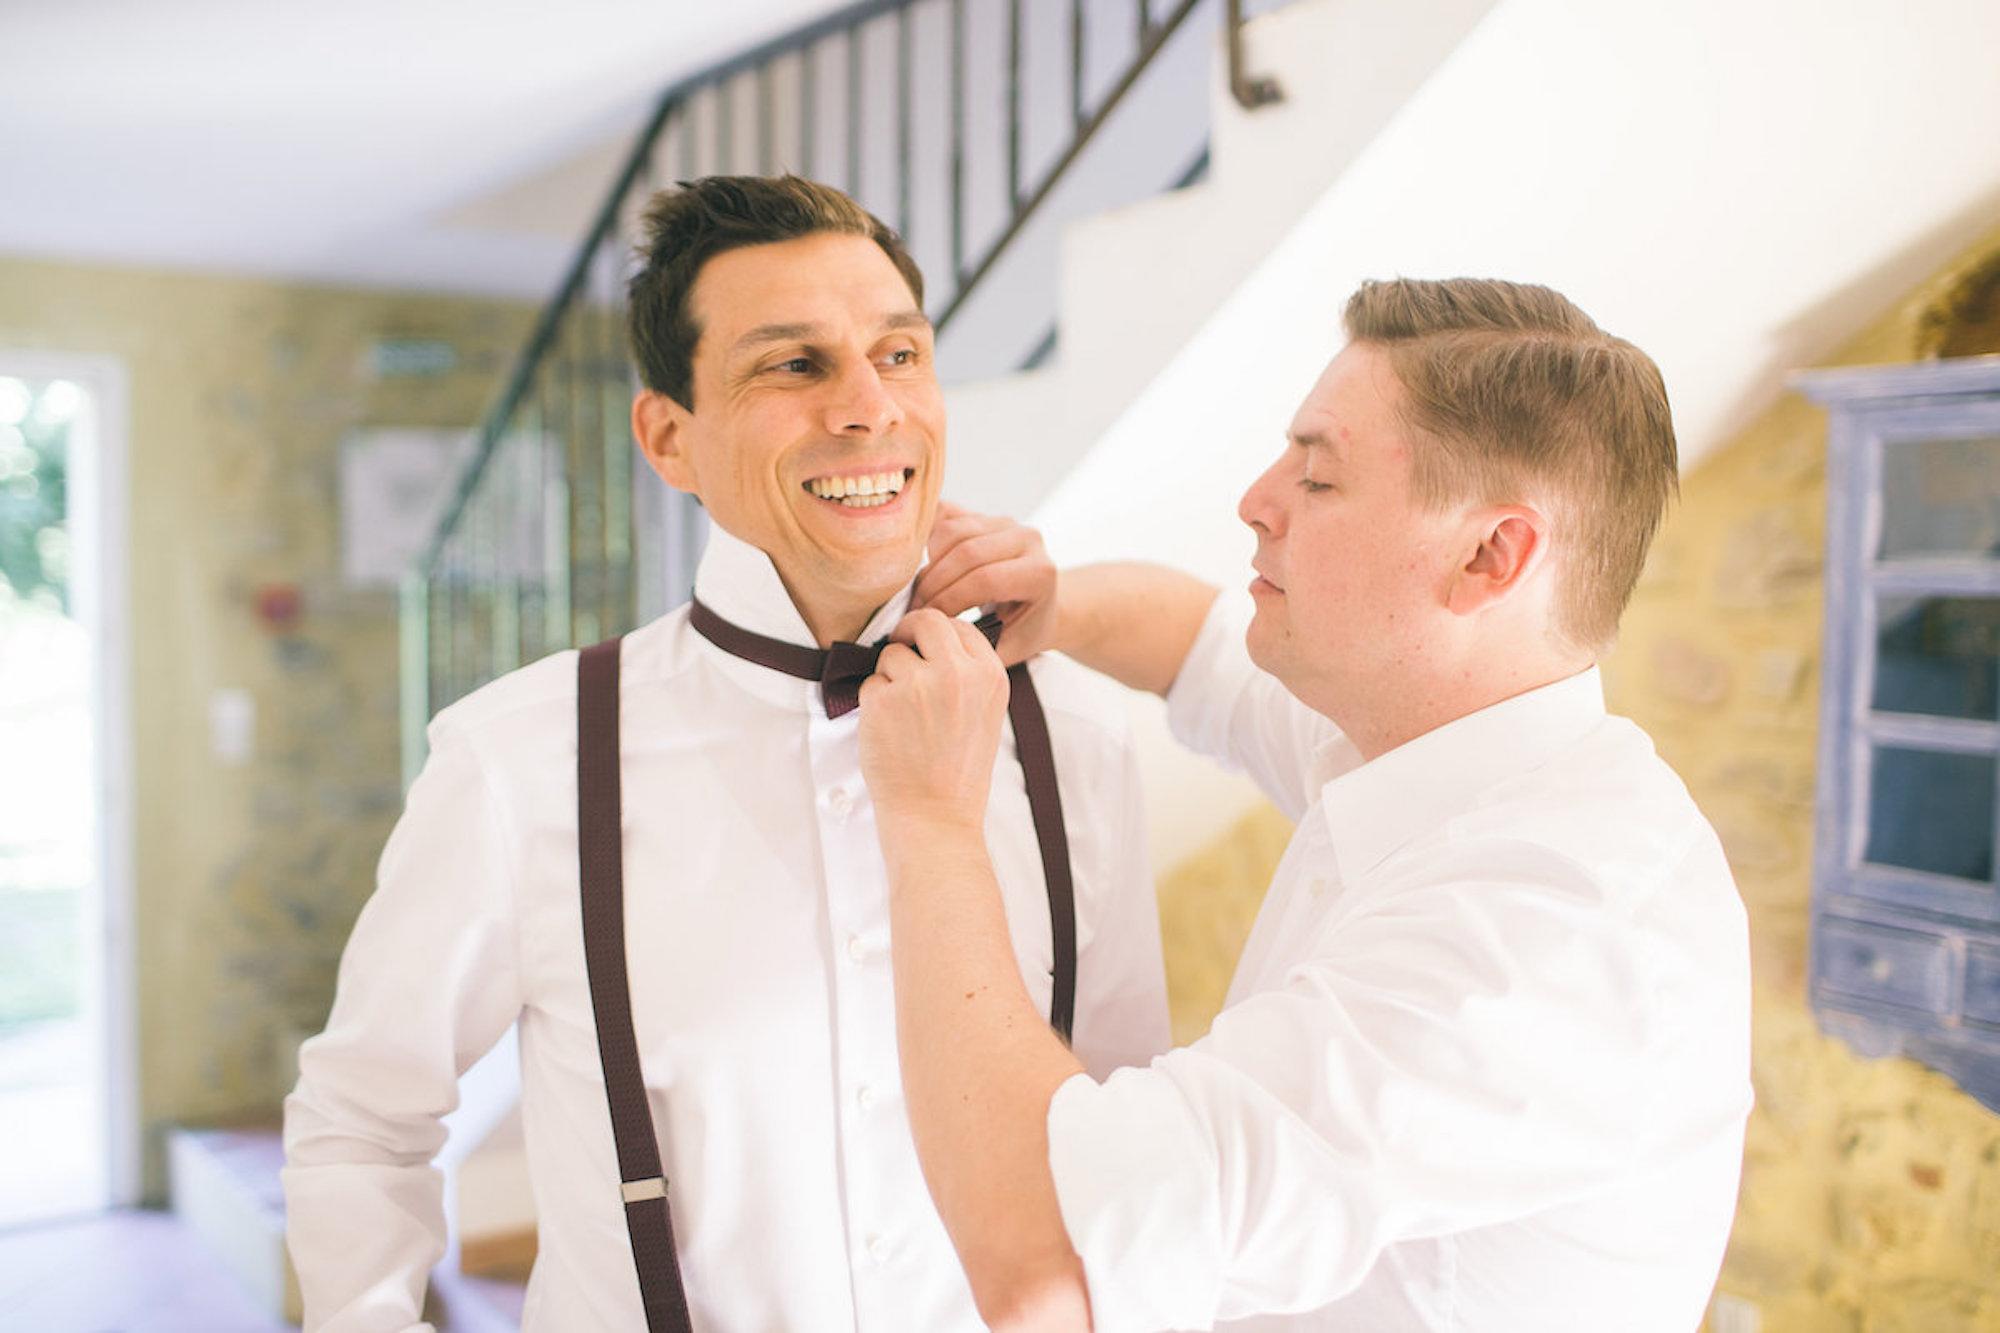 le coeur dans les etoiles - wedding planner - gard - provence - mariage provence - L&C - sebastien cabanes - preparatifs marie